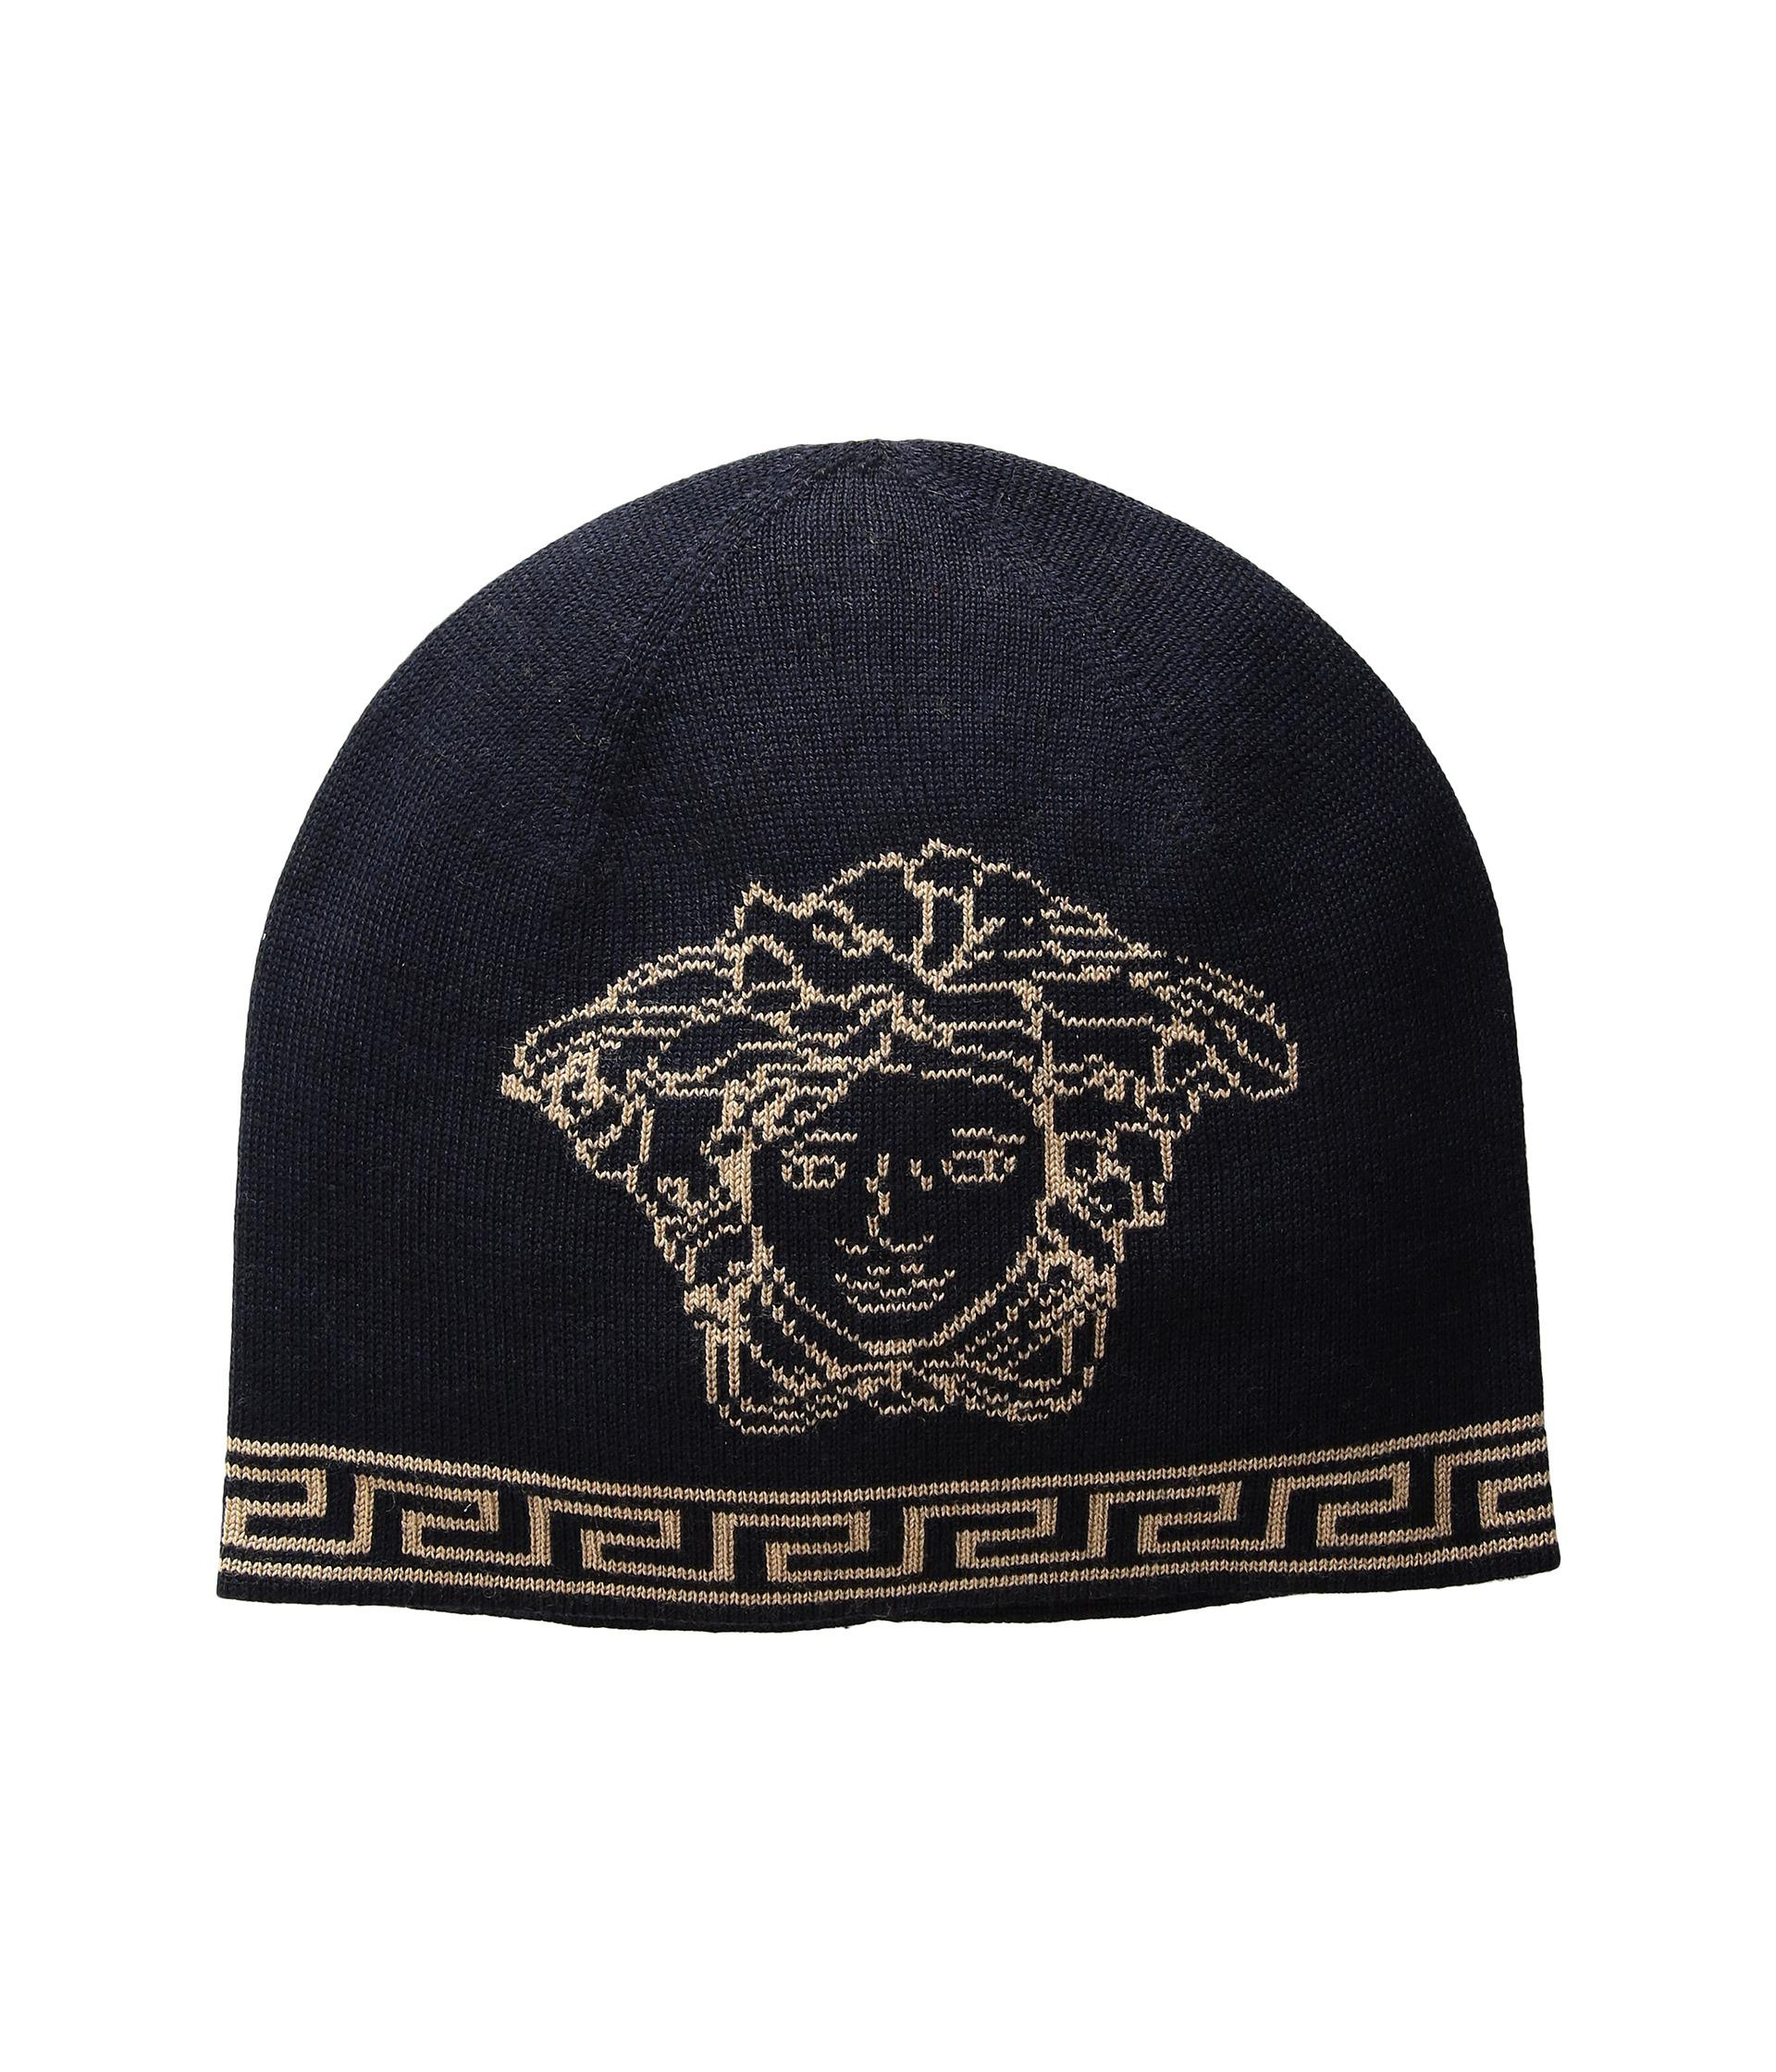 c808d3c7af71 Lyst - Versace Medusa Skull Cap in Blue for Men